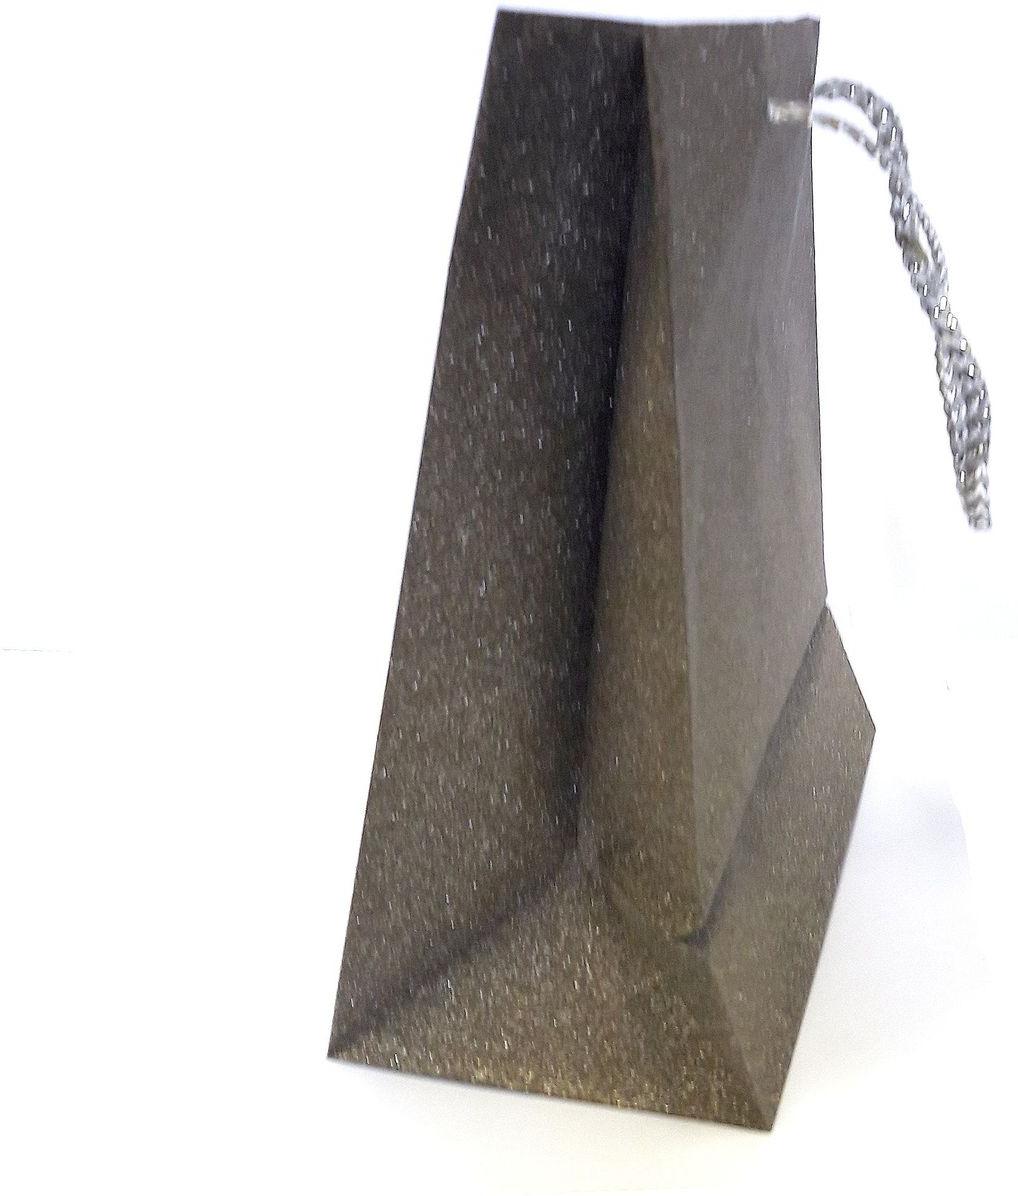 Пакет подарочный Яркий Праздник Однотонный, цвет: шоколад, 17,8 х 22,9 х 10,2 см пакет подарочный яркий праздник однотонный цвет розовый 17 8 х 22 9 х 10 2 см